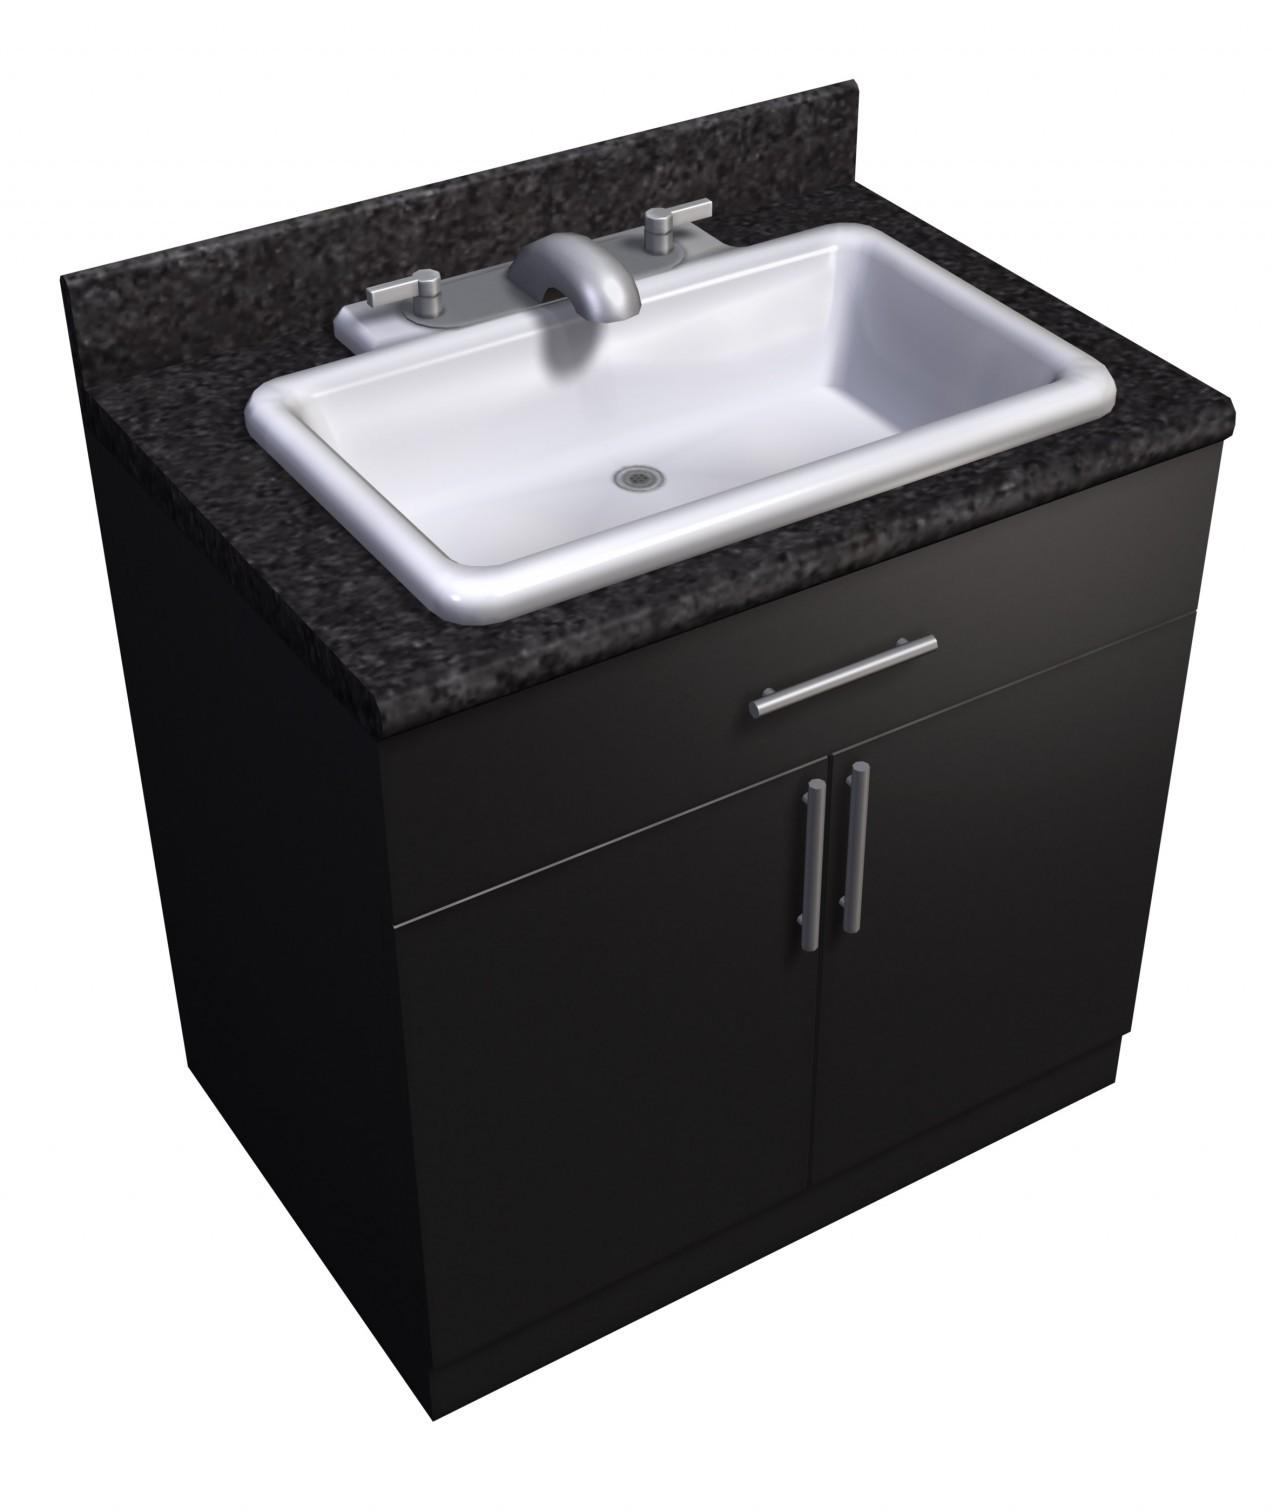 Meuble de salle de bain bricoman 8 les sims 2 kit cui for Kit meuble salle de bain